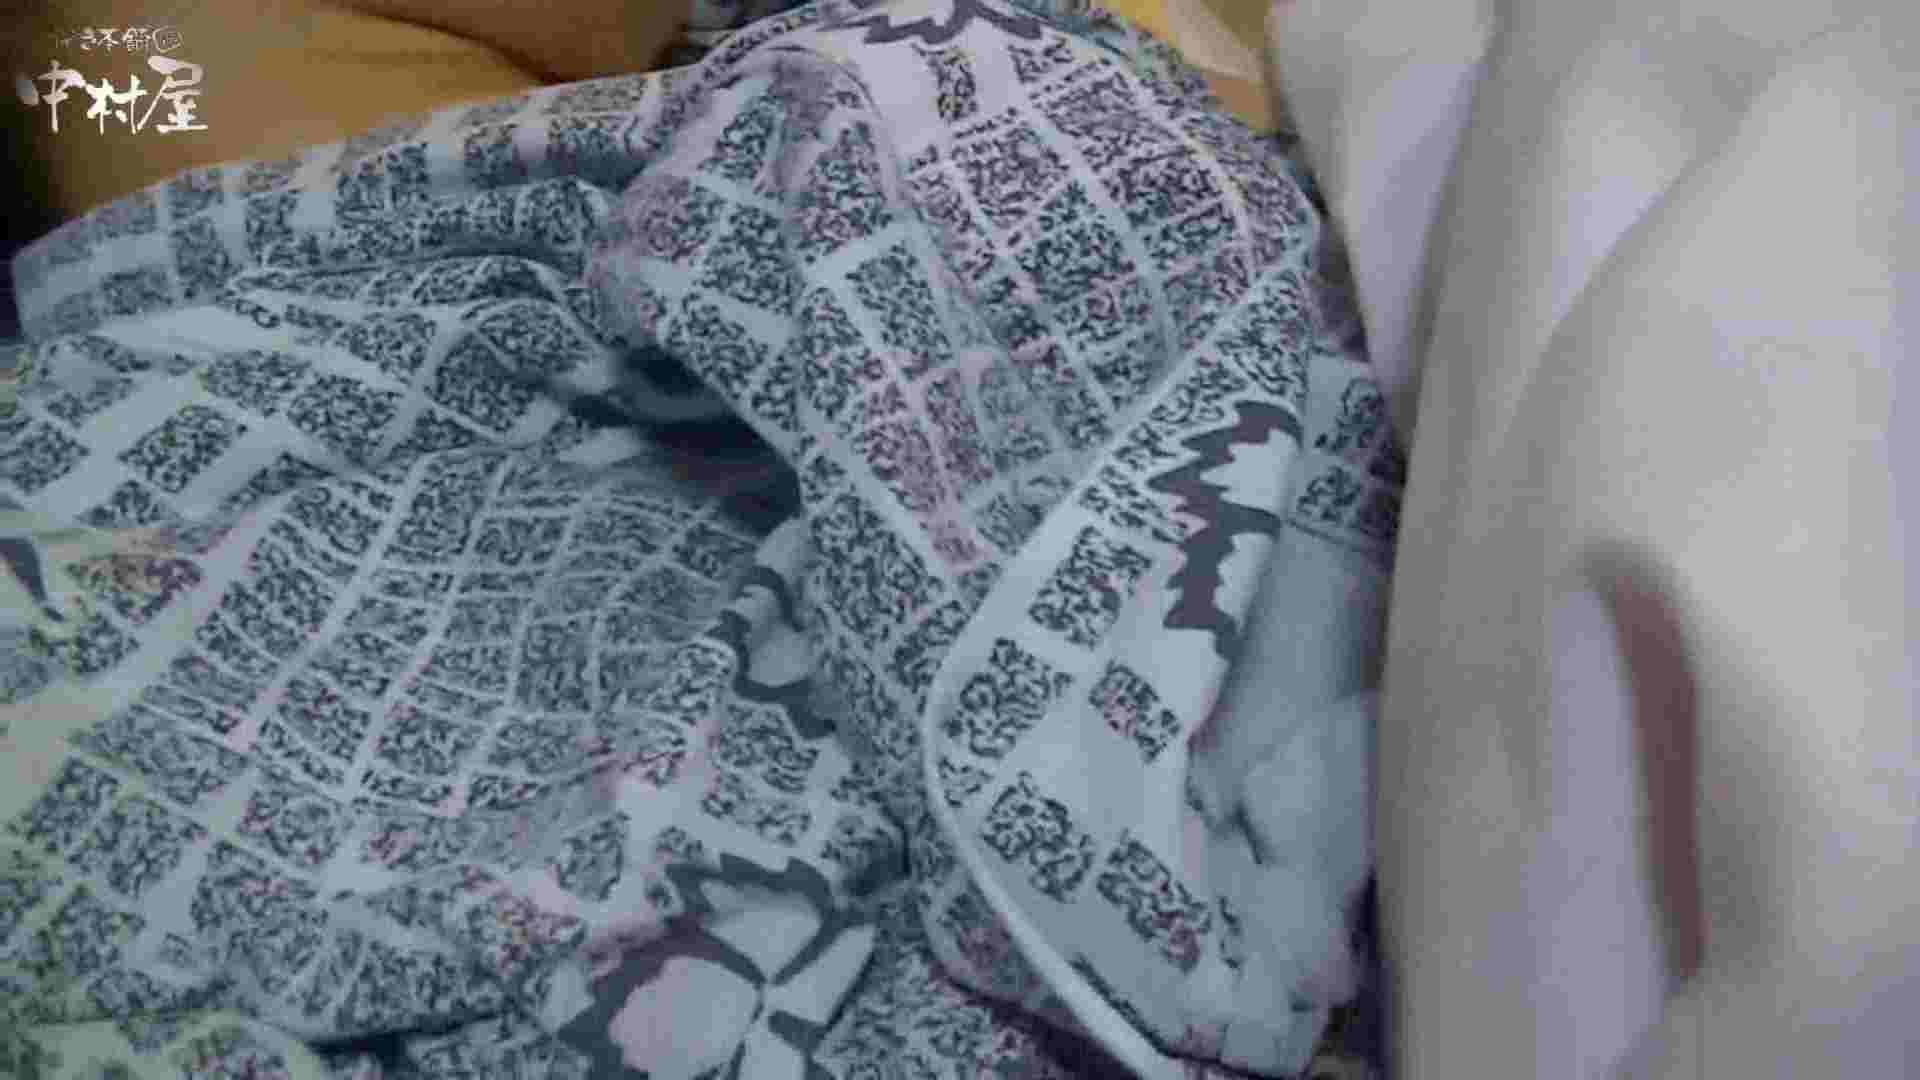 ネムリ姫 vol.47 パンツ 盗み撮りオマンコ動画キャプチャ 76連発 43